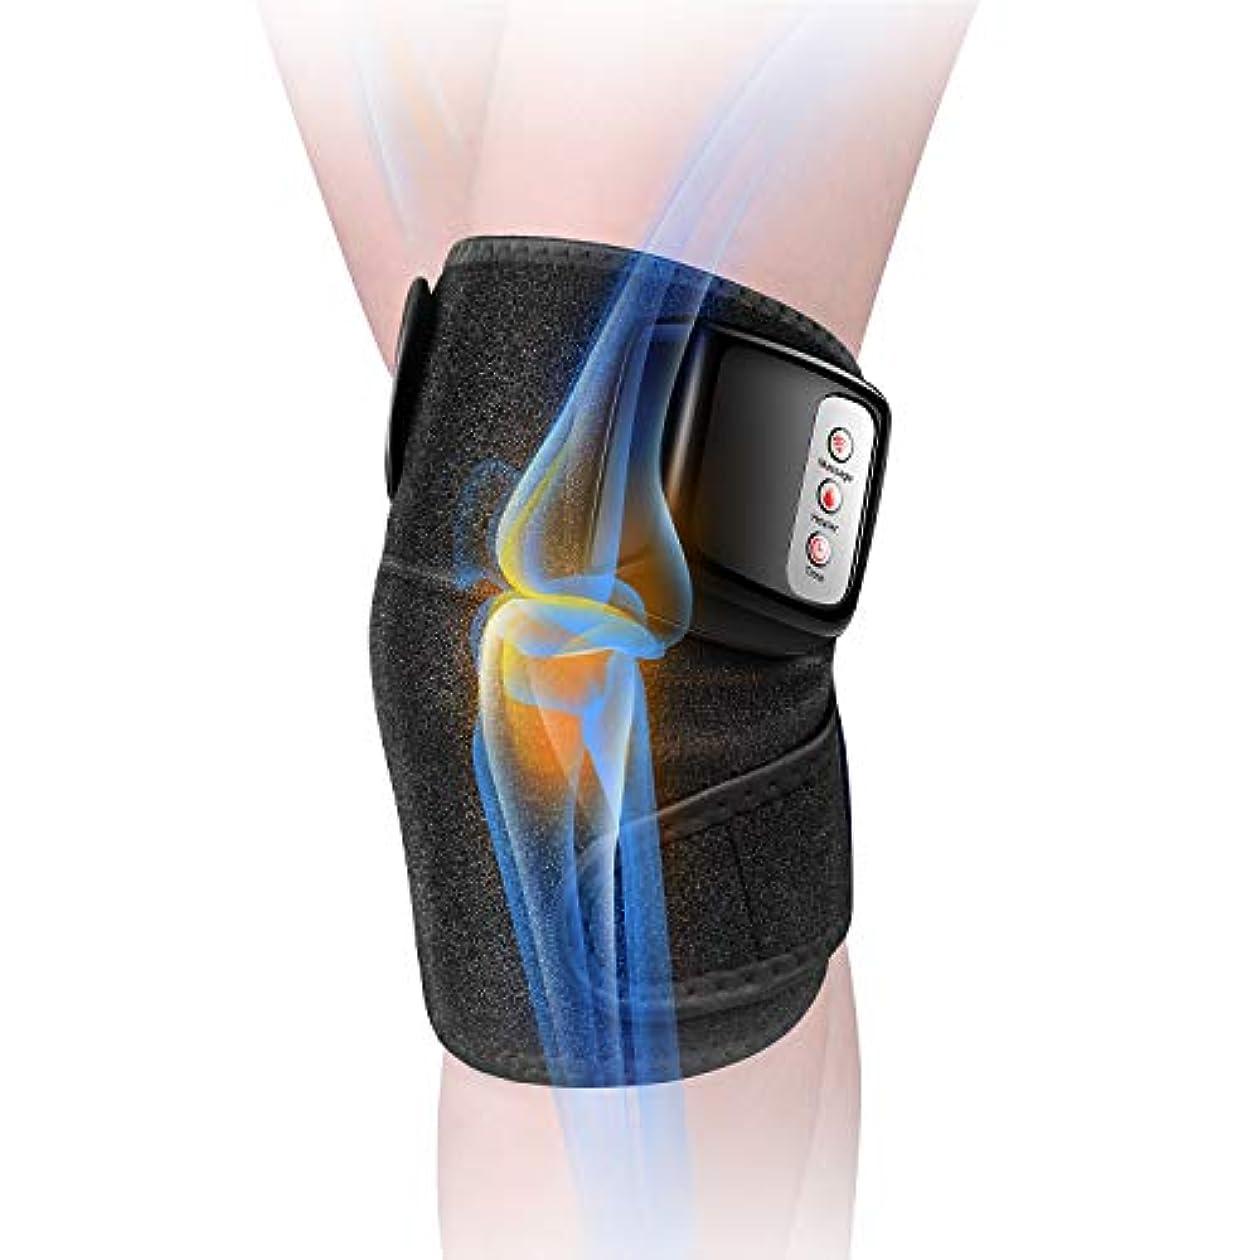 アイザックアレンジ開業医膝マッサージャー 関節マッサージャー マッサージ器 フットマッサージャー 振動 赤外線療法 温熱療法 膝サポーター ストレス解消 肩 太もも/腕対応